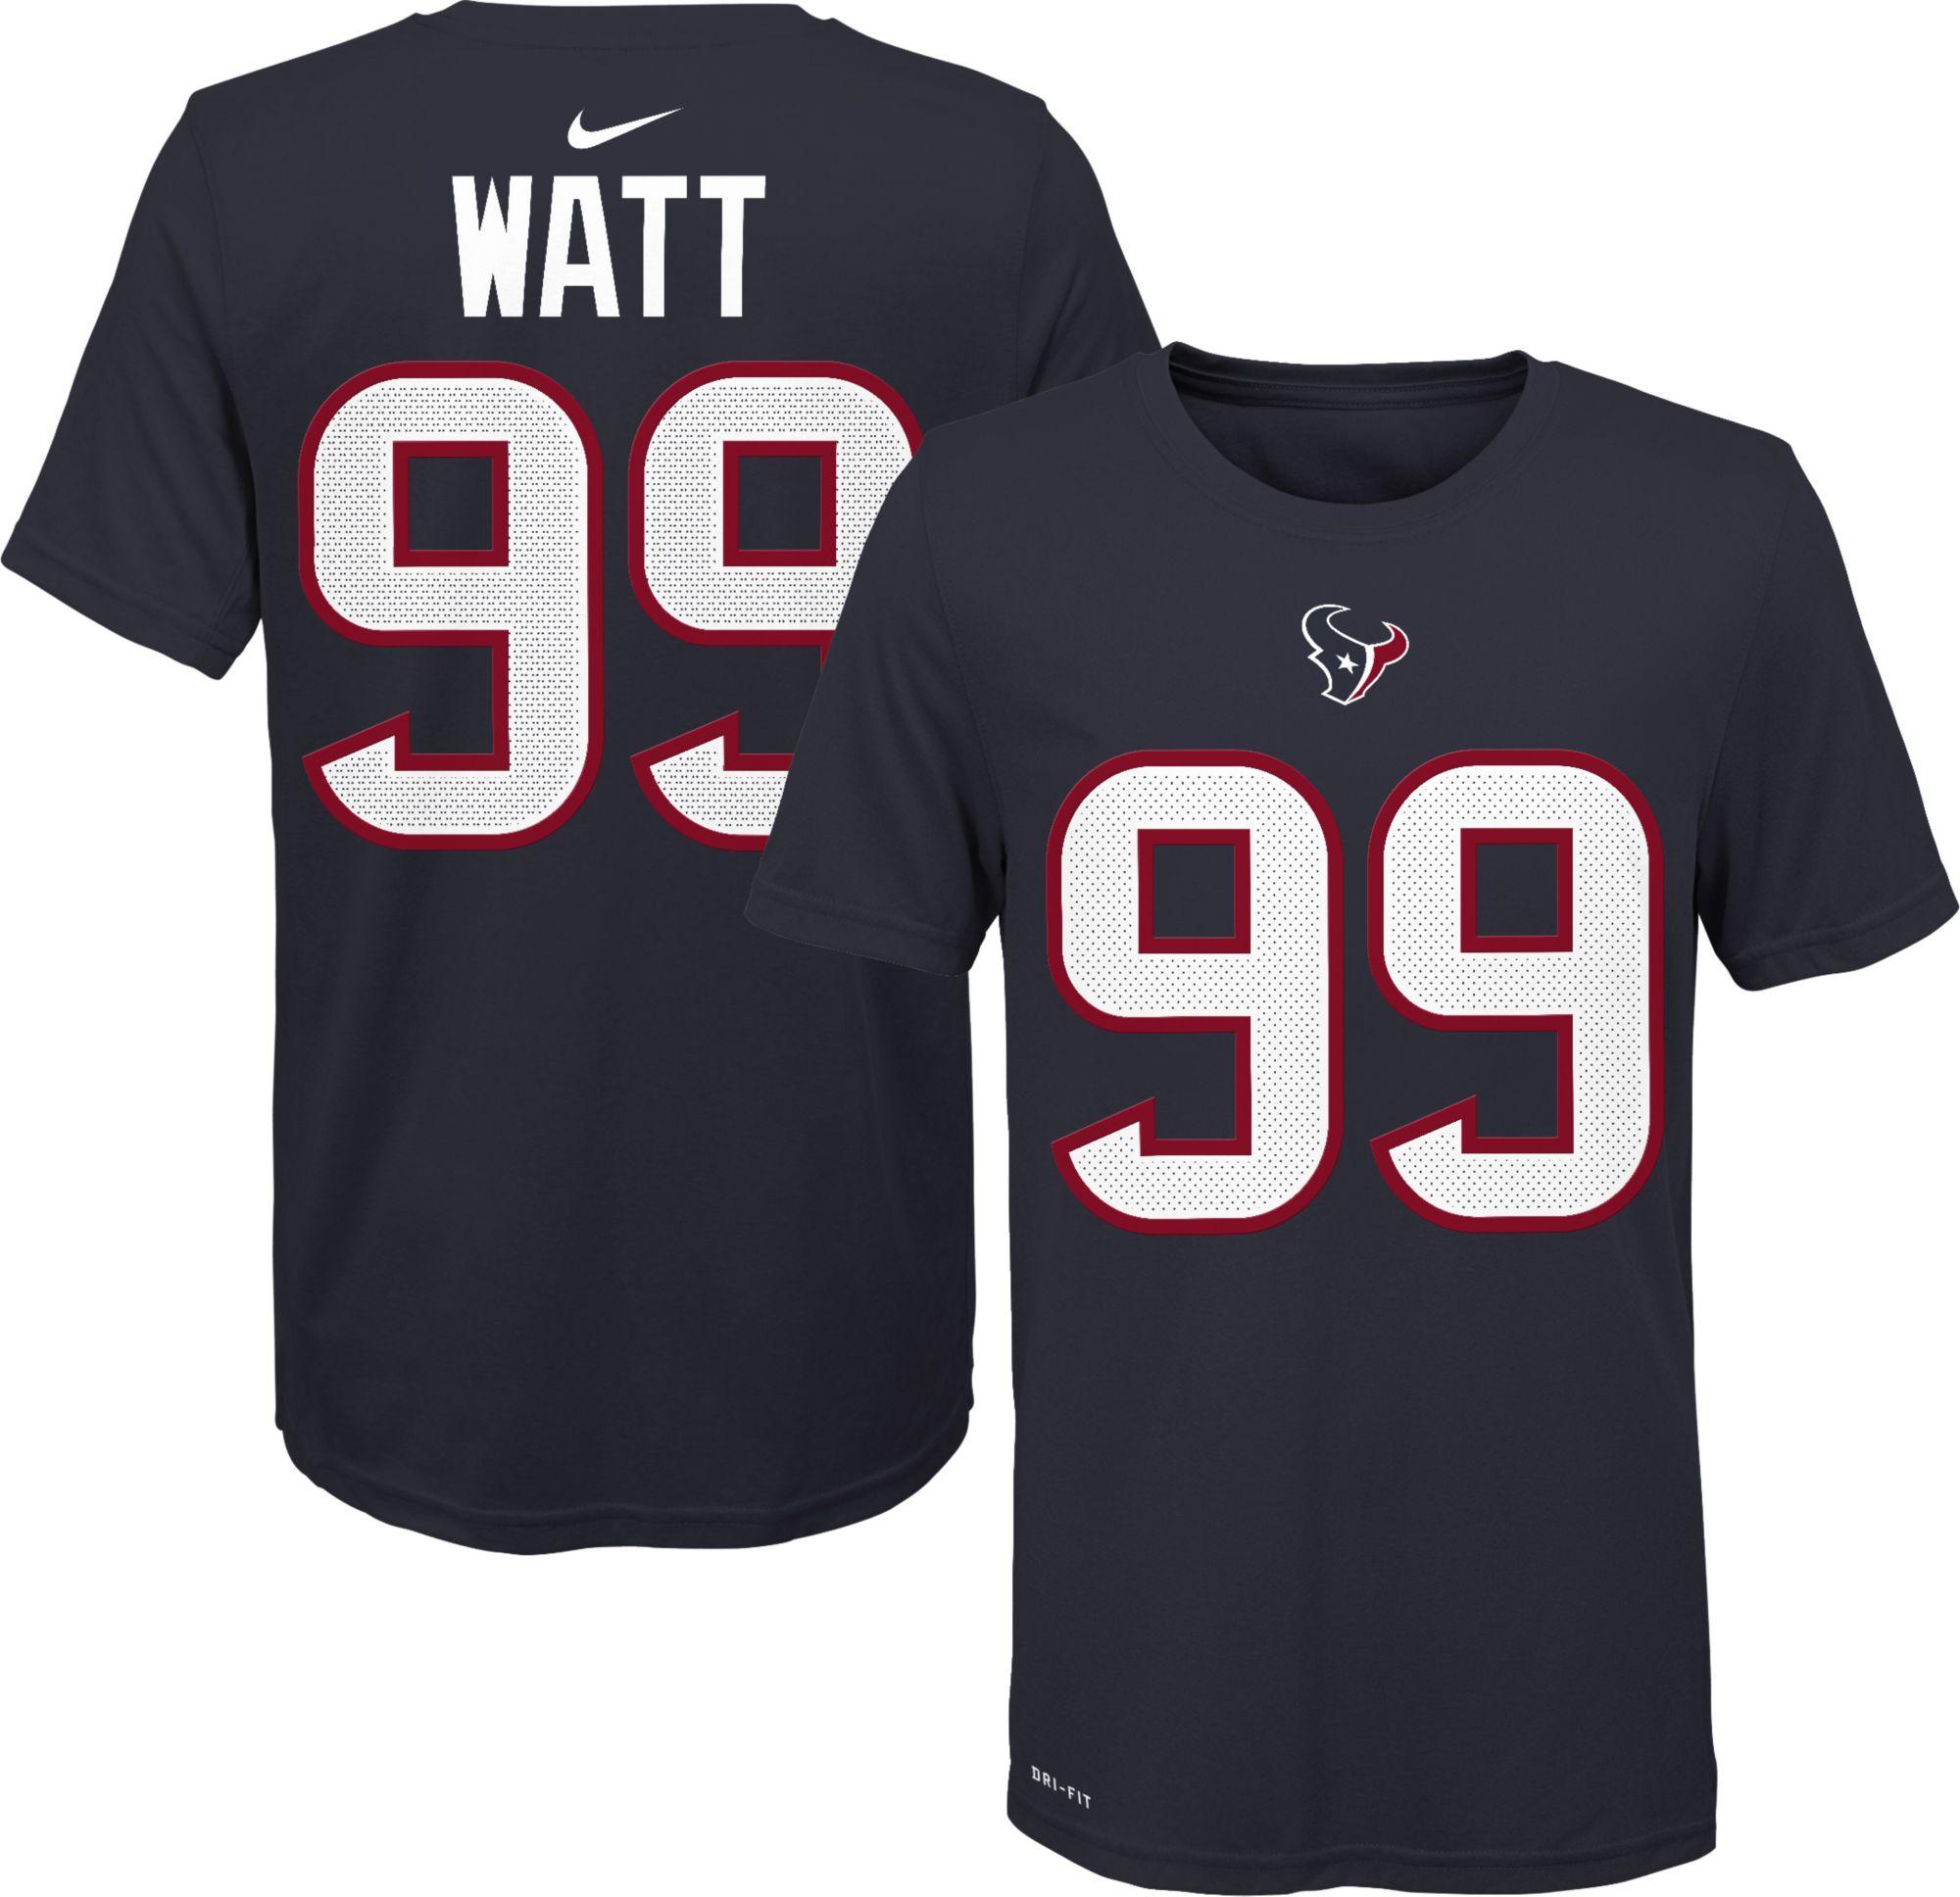 jj watt shirt